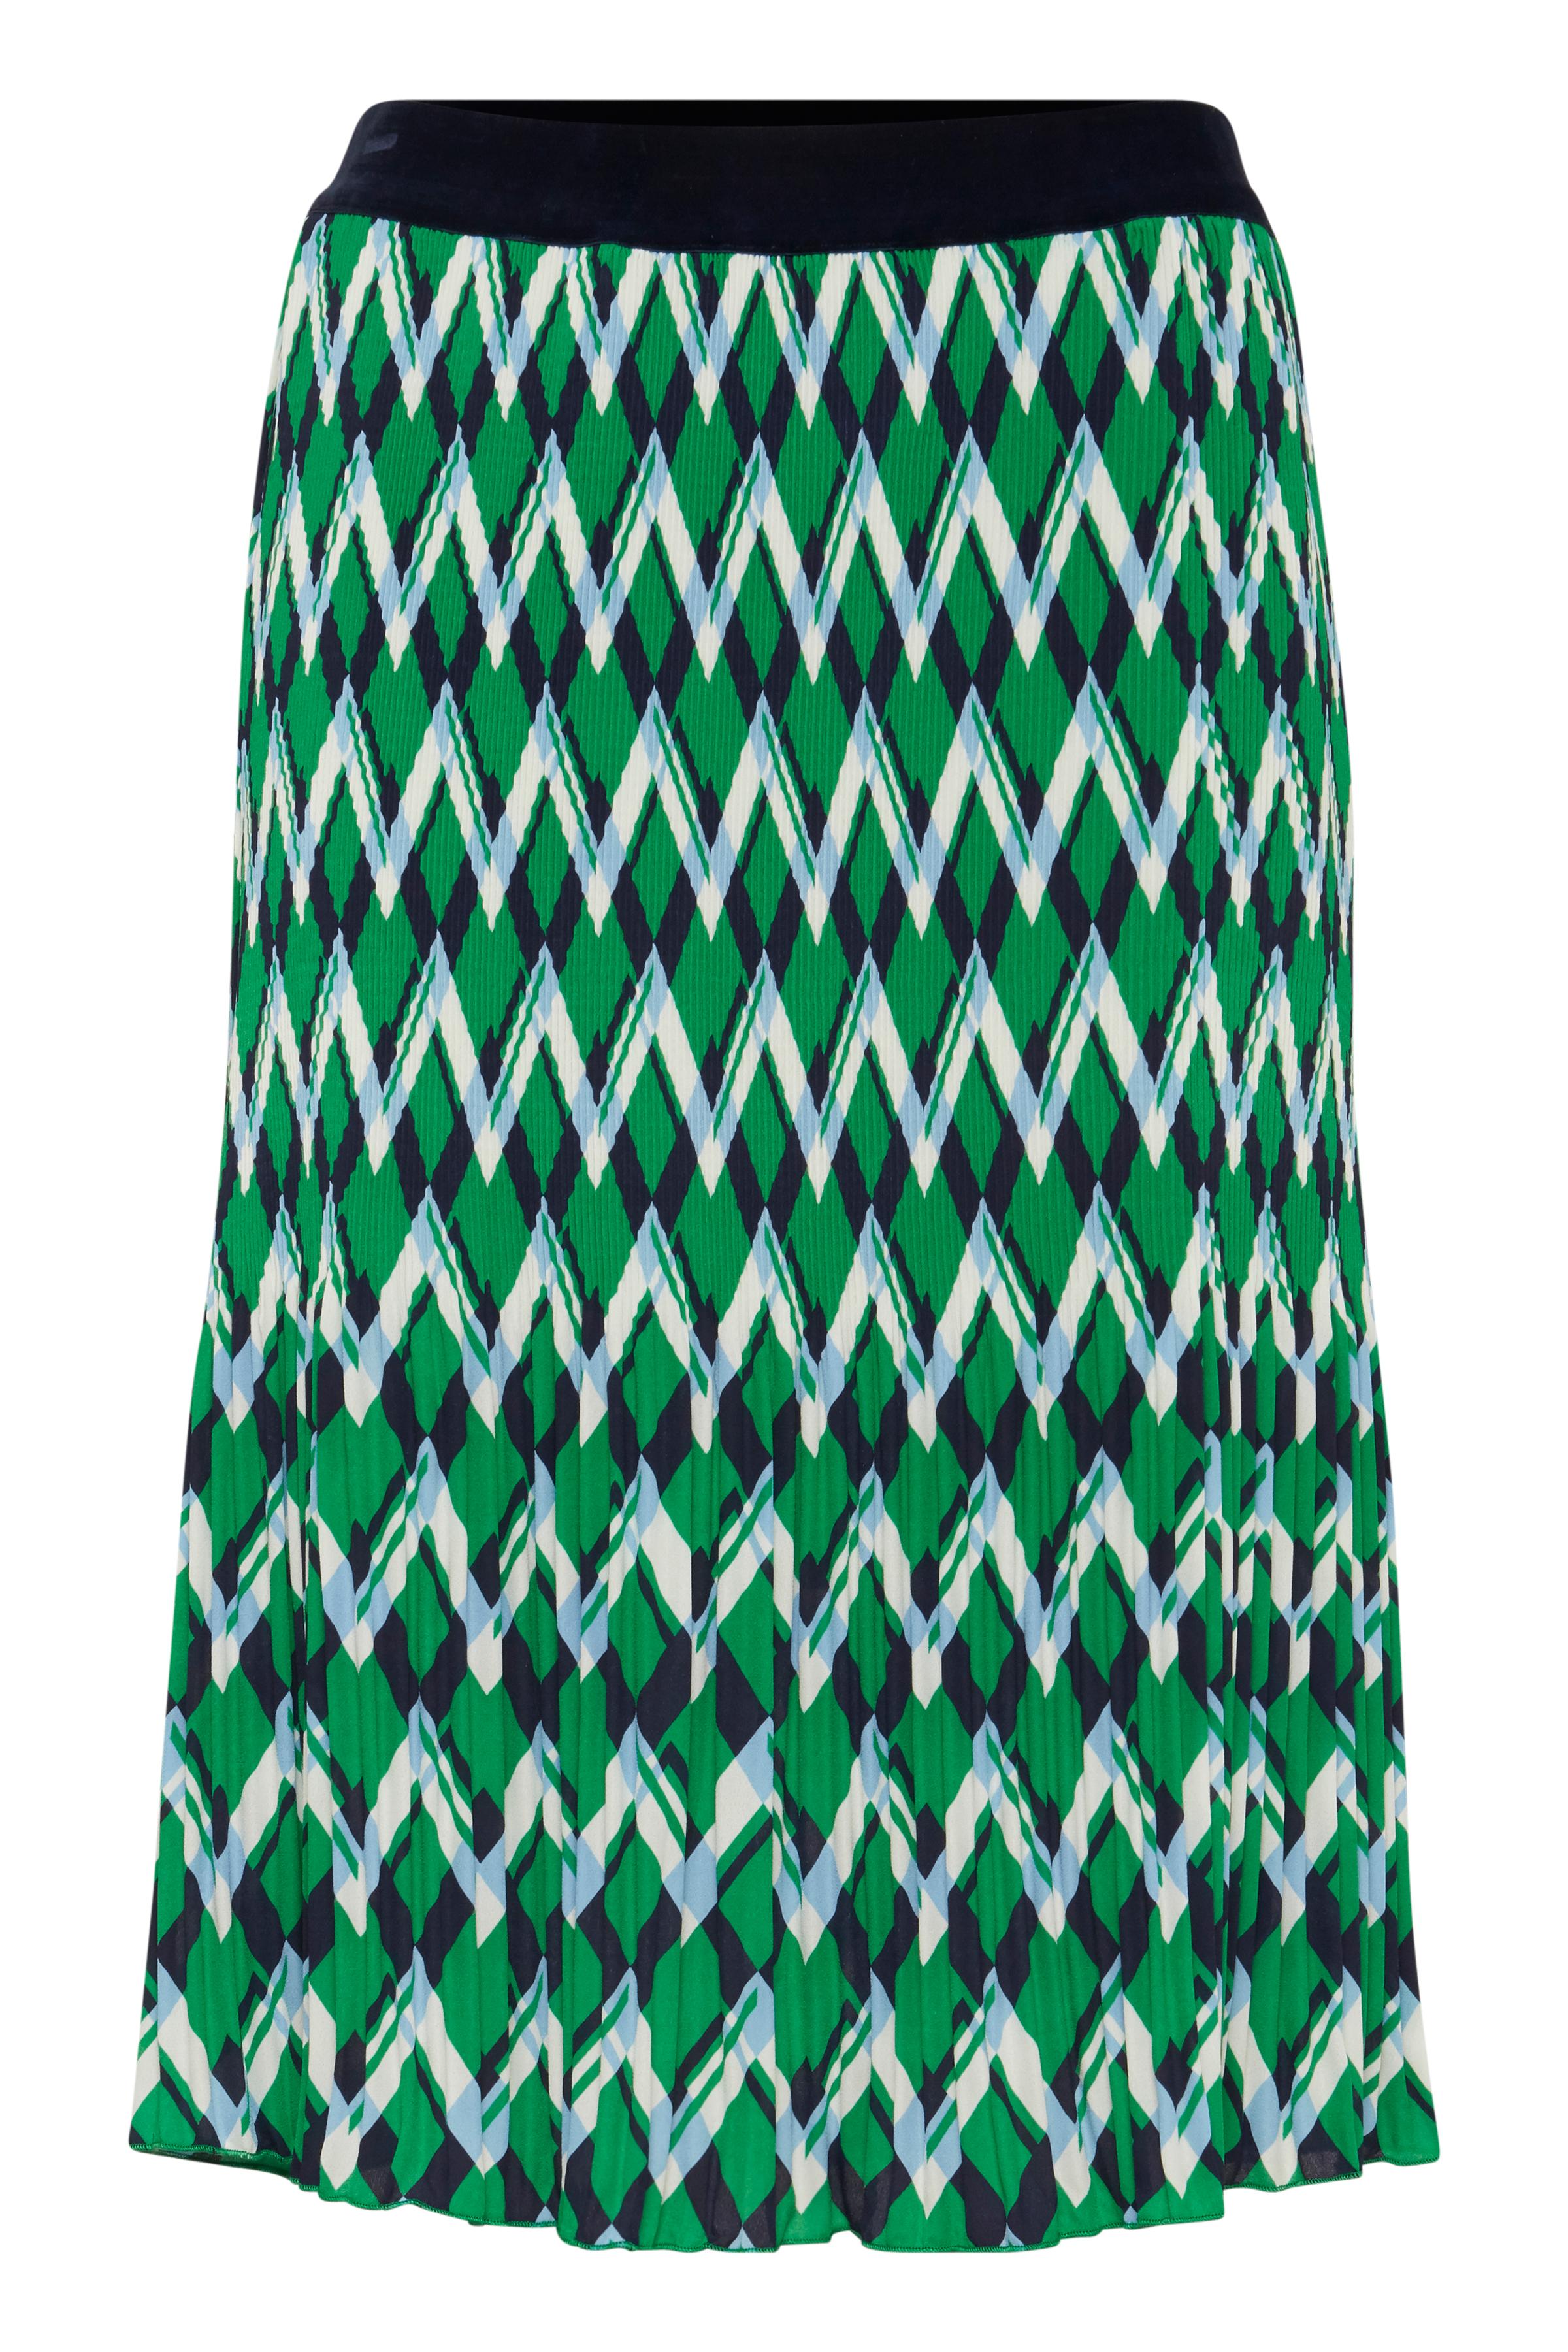 Grön/marinblå Kjol från Fransa – Köp Grön/marinblå Kjol från stl. XS-XXL här